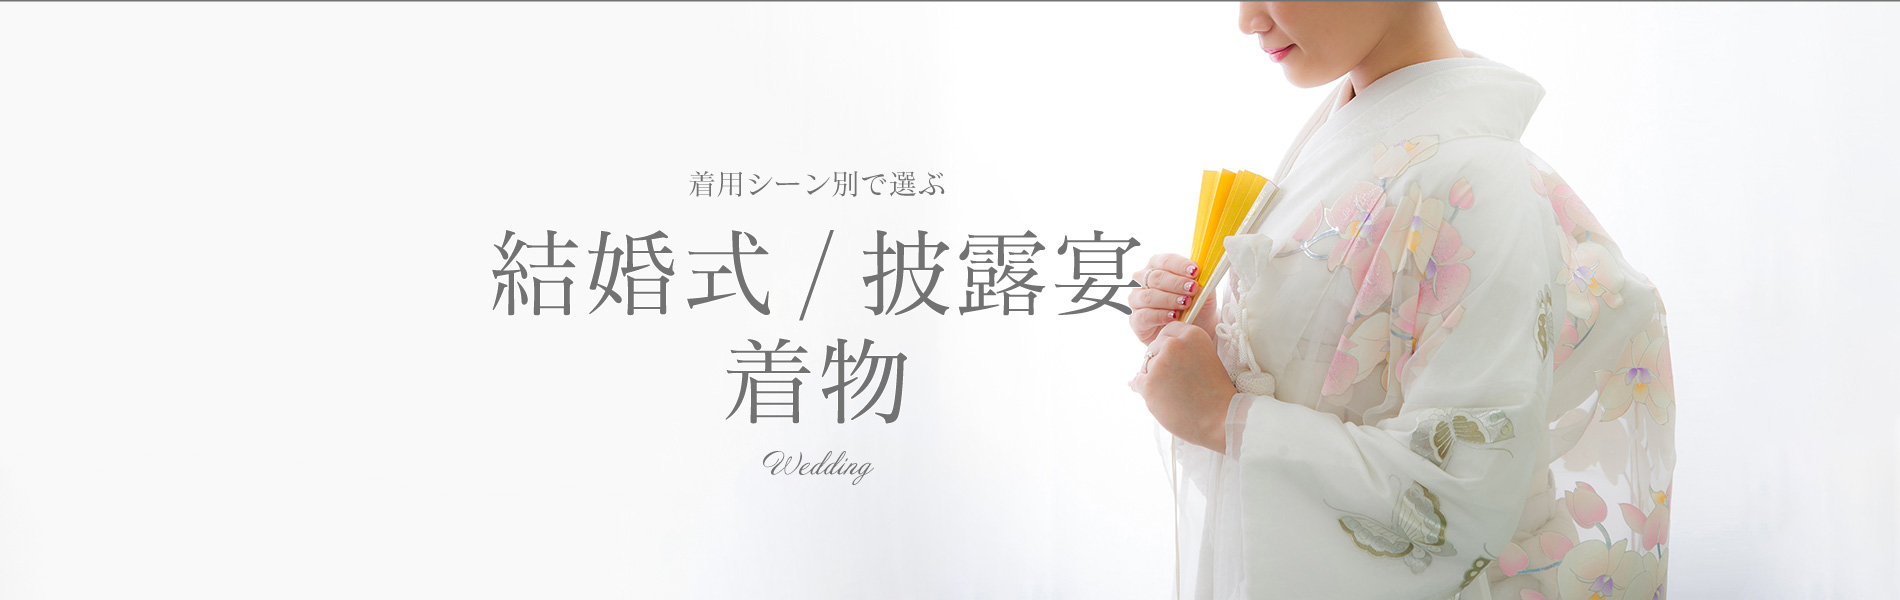 シーン別結婚式